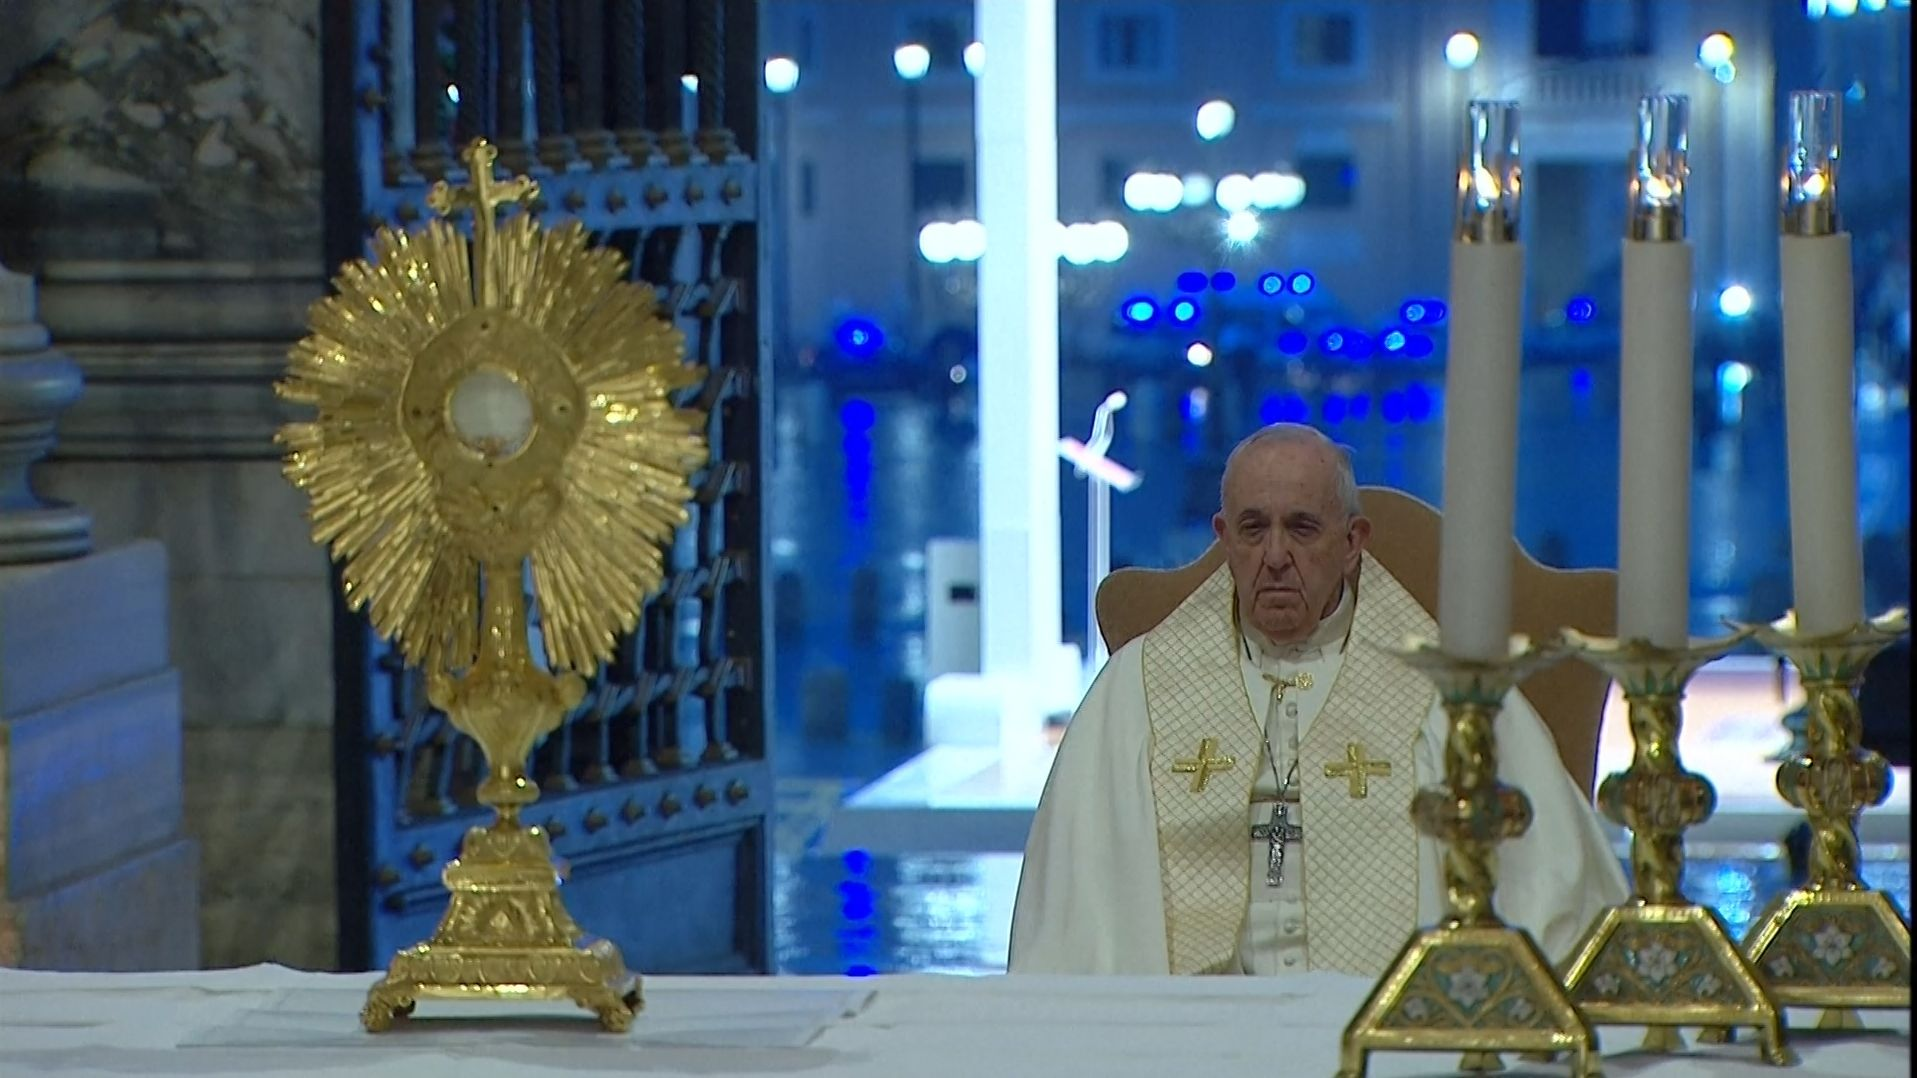 """Papst Franziskus hat am Freitagabend auf dem Petersplatz vor dem Hintergrund der Corona-Pandemie gebetet und auch den Segen """"Urbi et Orbi"""" gespendet."""